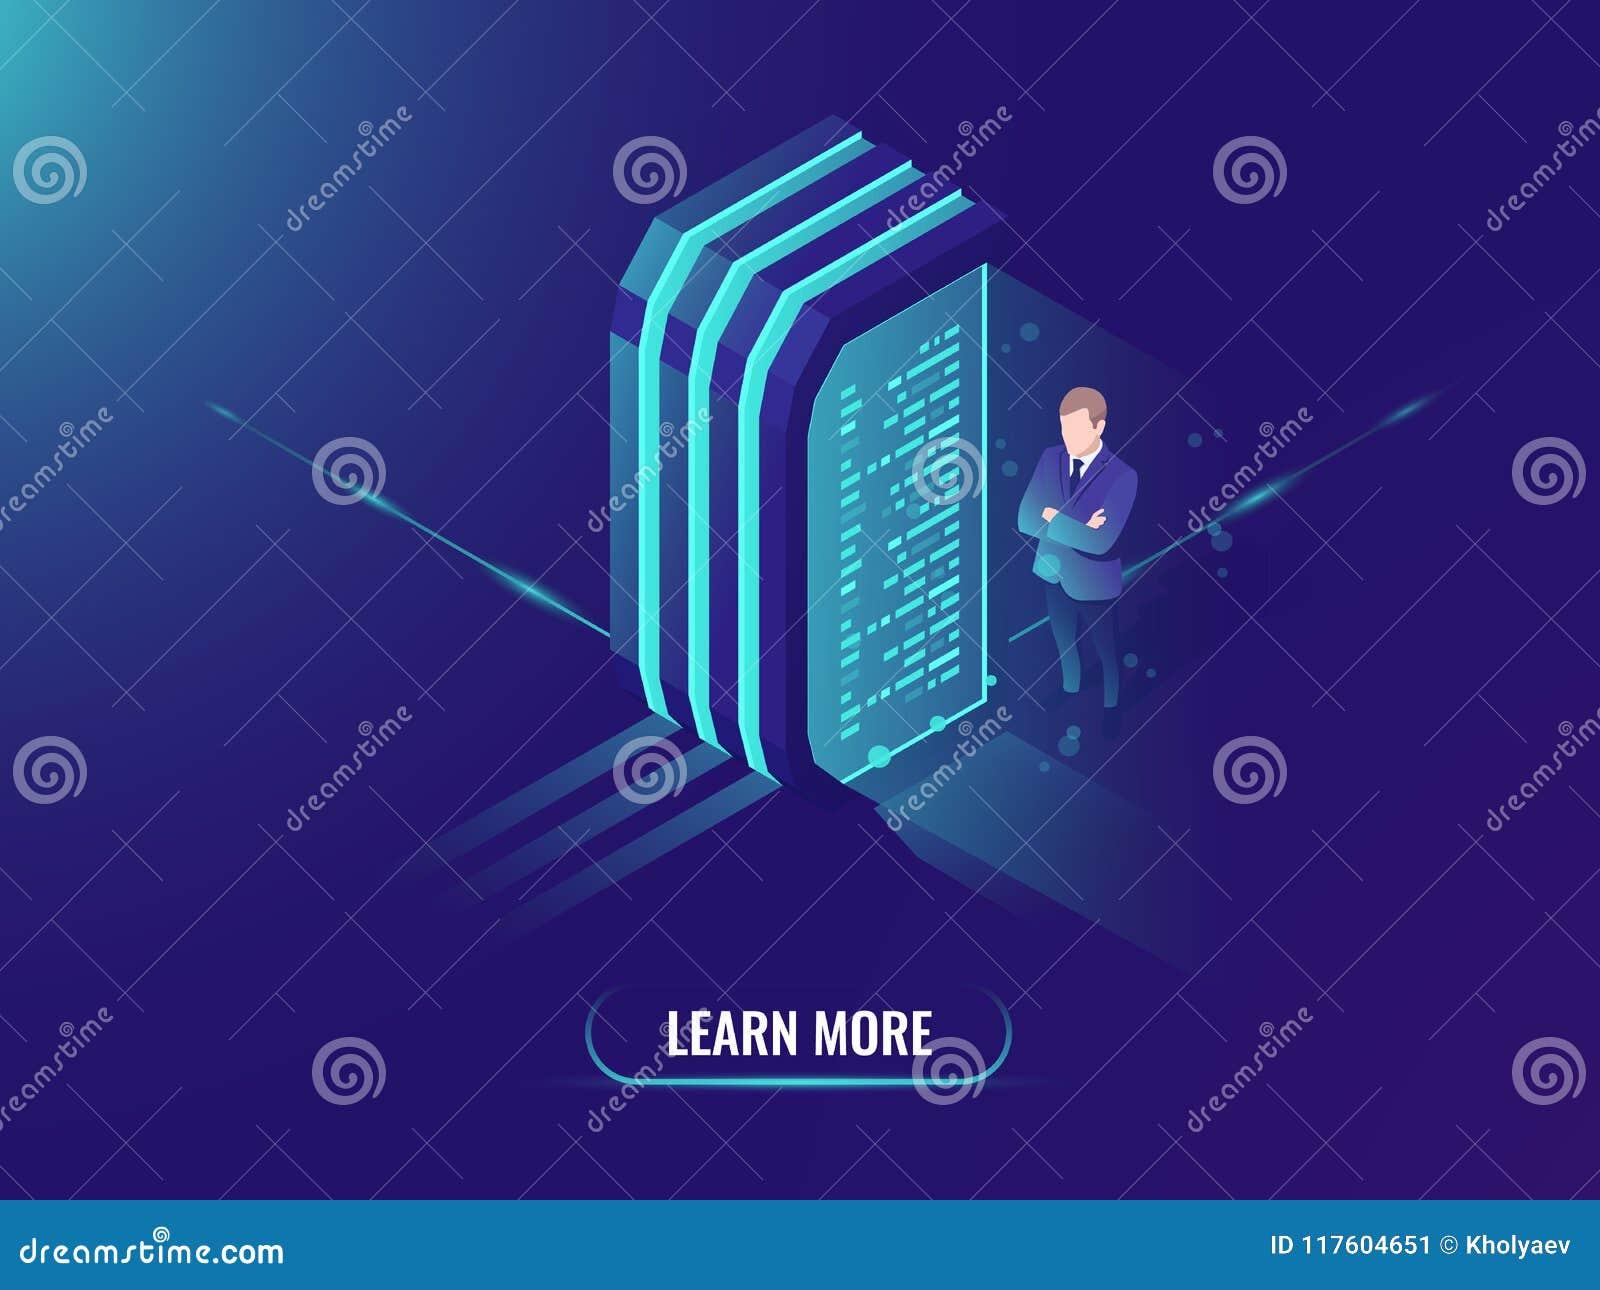 Στοιχεία - επεξεργασία και διαχείριση πληροφοριών, isometric διάνυσμα έννοιας επιστήμης στοιχείων, δωμάτιο κεντρικών υπολογιστών,